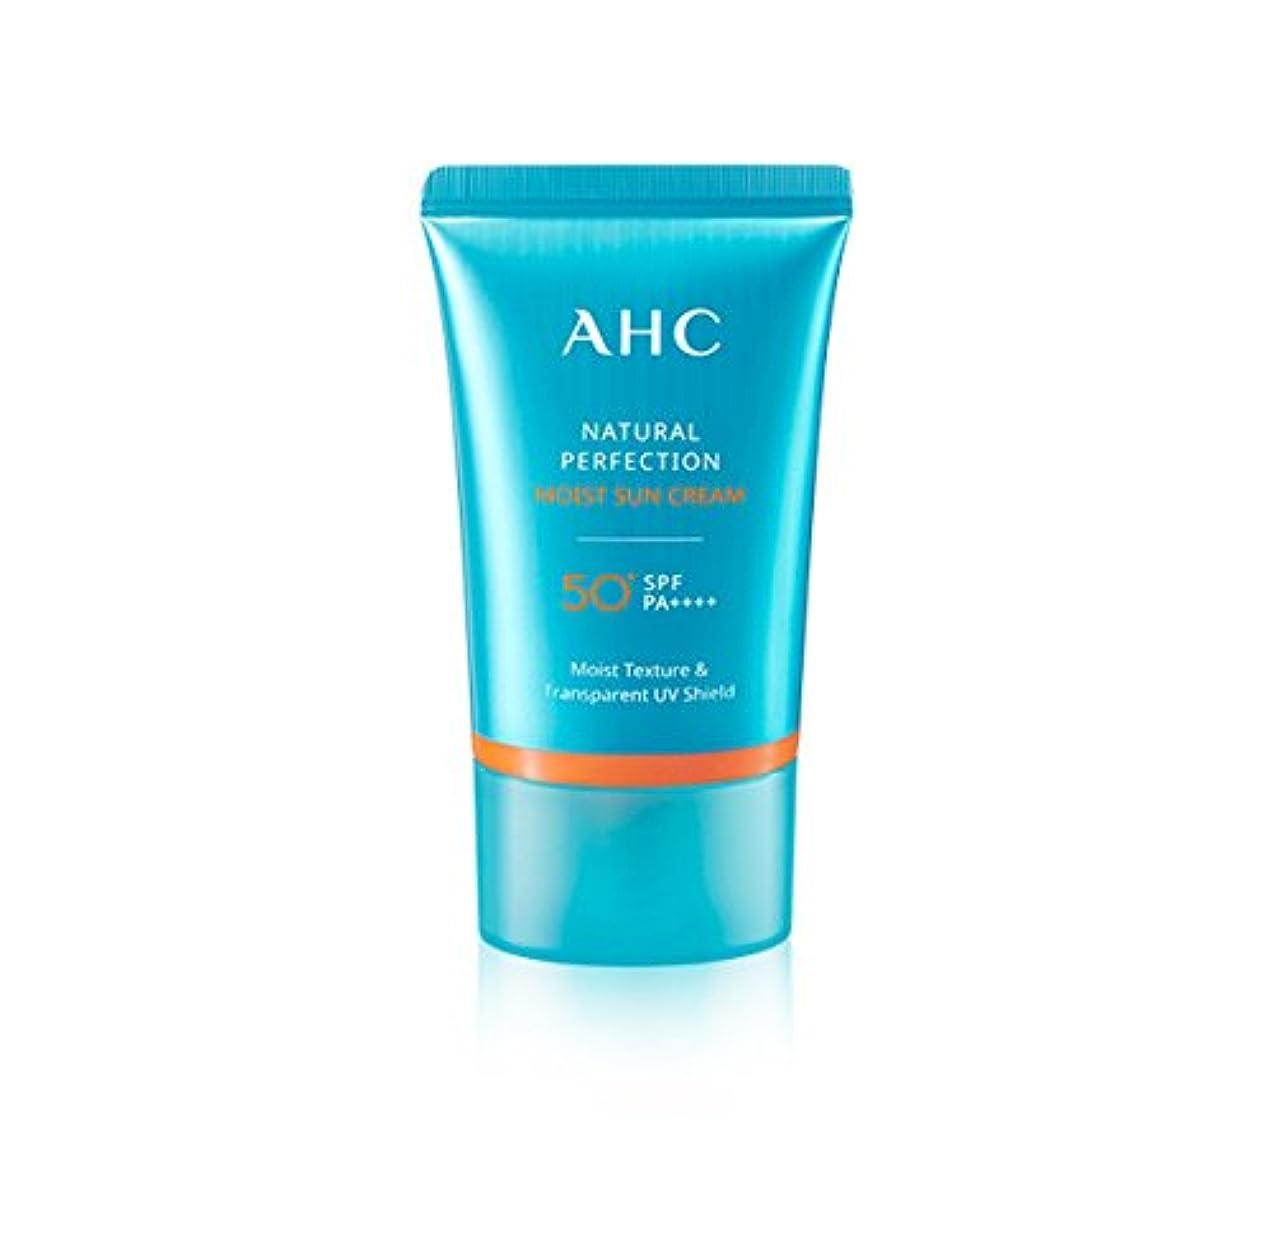 のスコア相談するスマートAHC Natural Perfection Moist Sun Cream 50ml/AHC ナチュラル パーフェクション モイスト サン クリーム 50ml [並行輸入品]